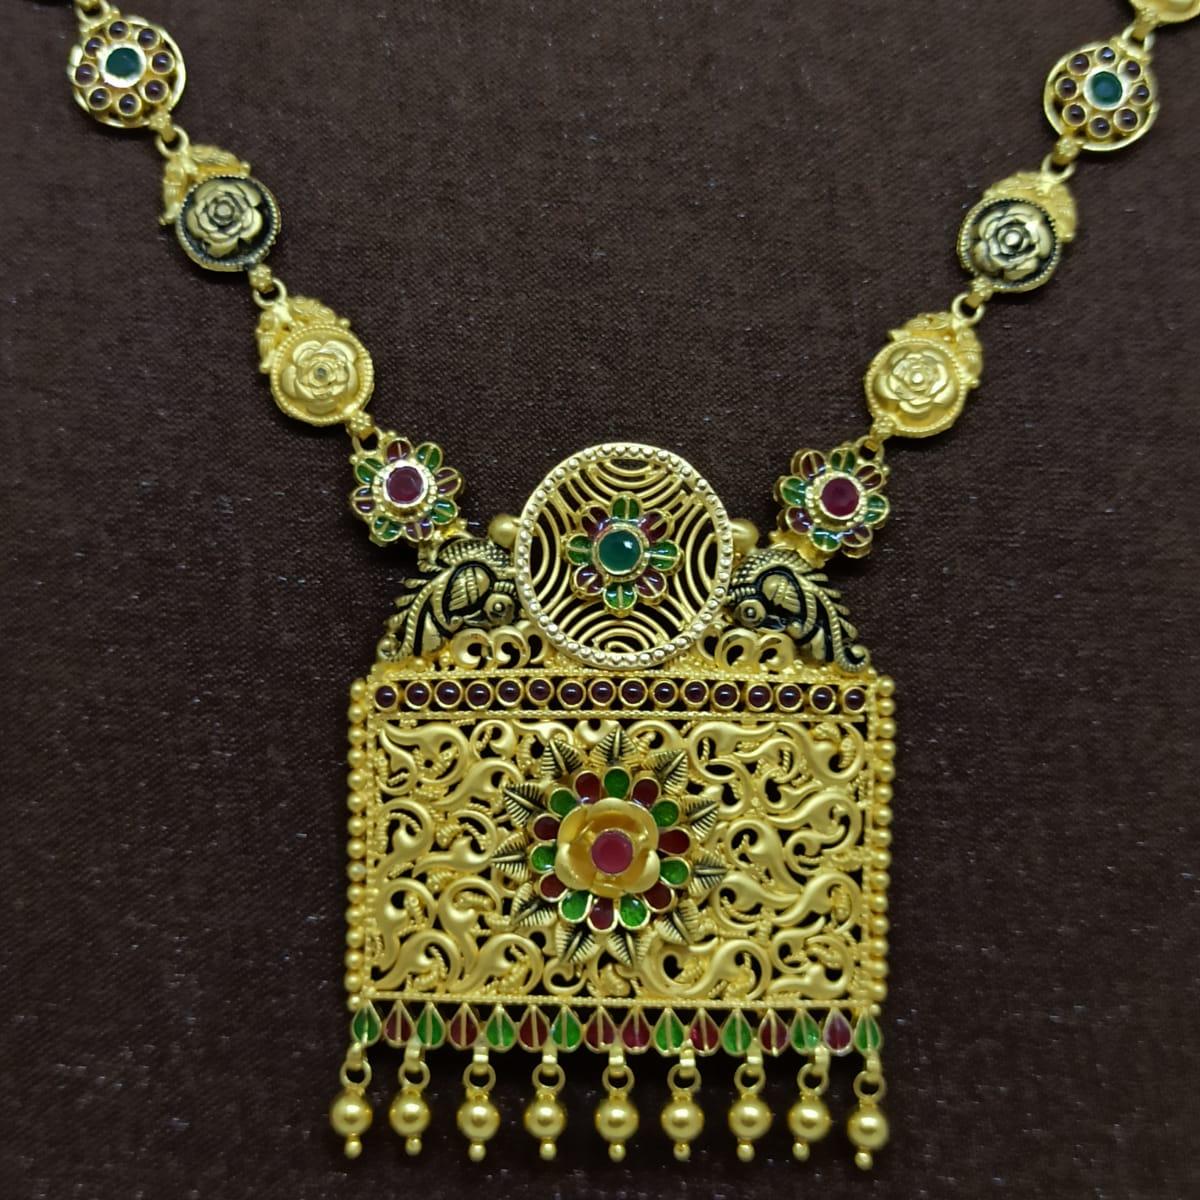 Square Nakash Necklace